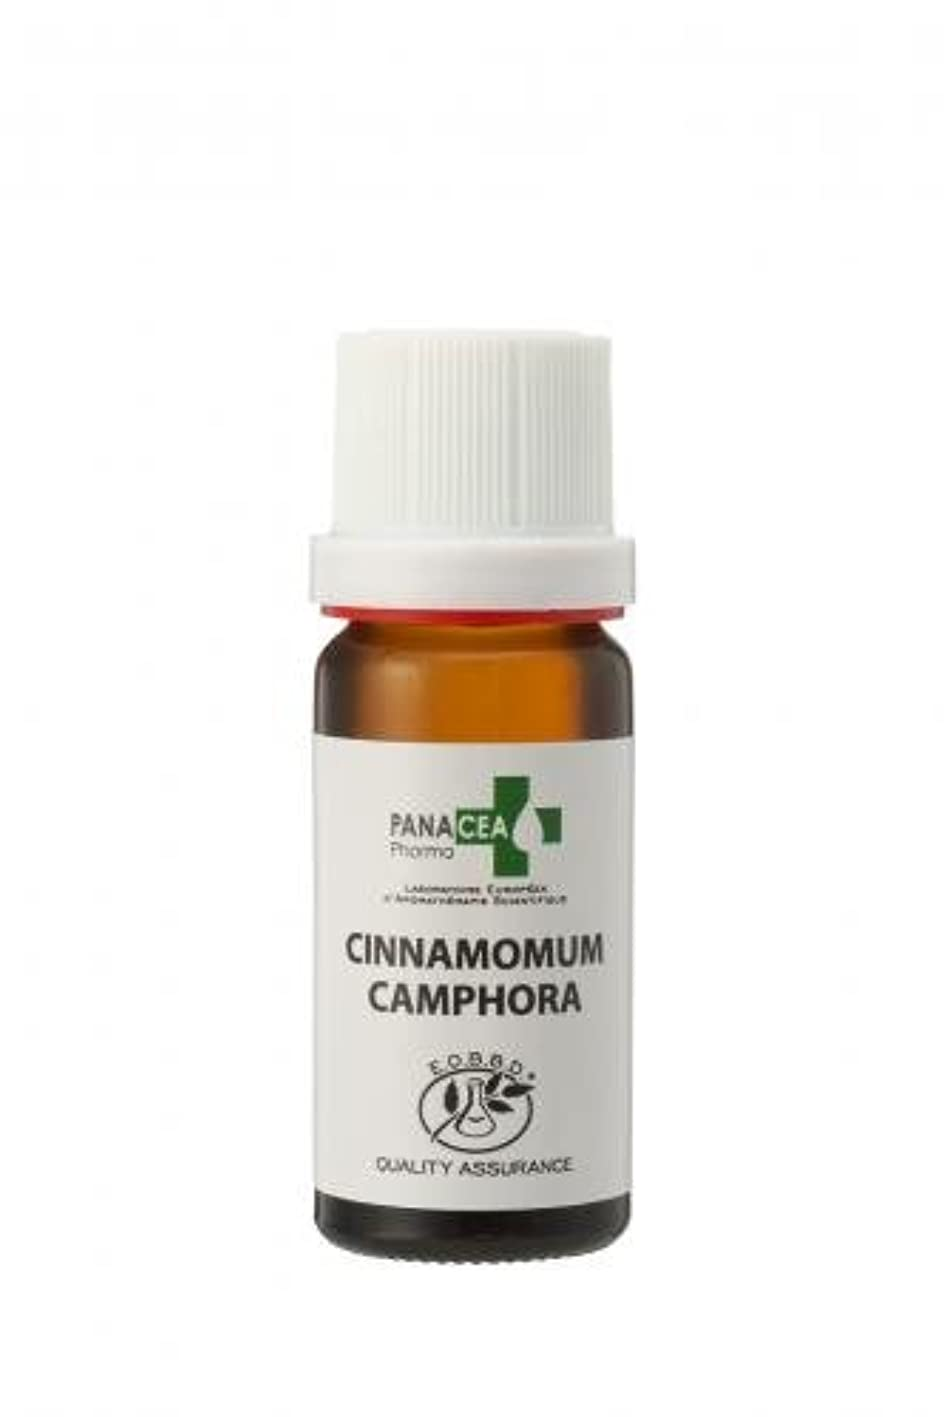 プレゼンターエイリアス厚いラヴィンサラ (Cinnamomum camphora) 10ml エッセンシャルオイル PANACEA PHARMA パナセア ファルマ